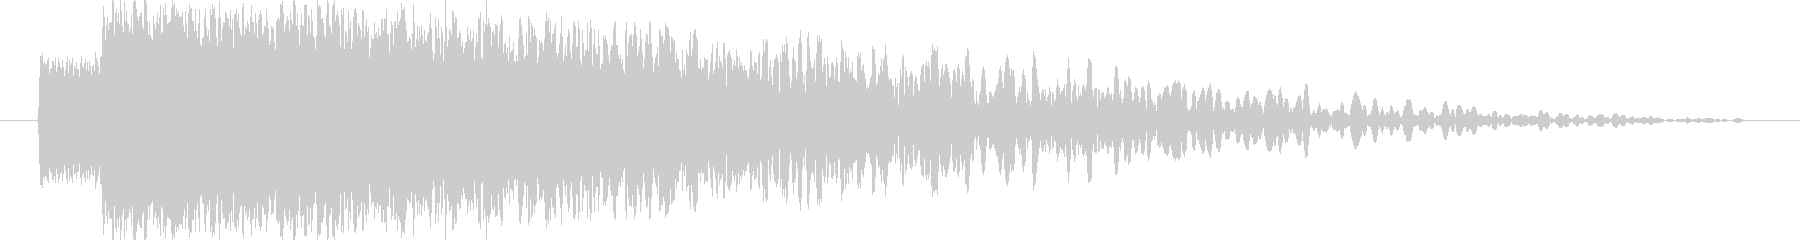 【雷魔法・落雷】ピシャォオンの未再生の波形